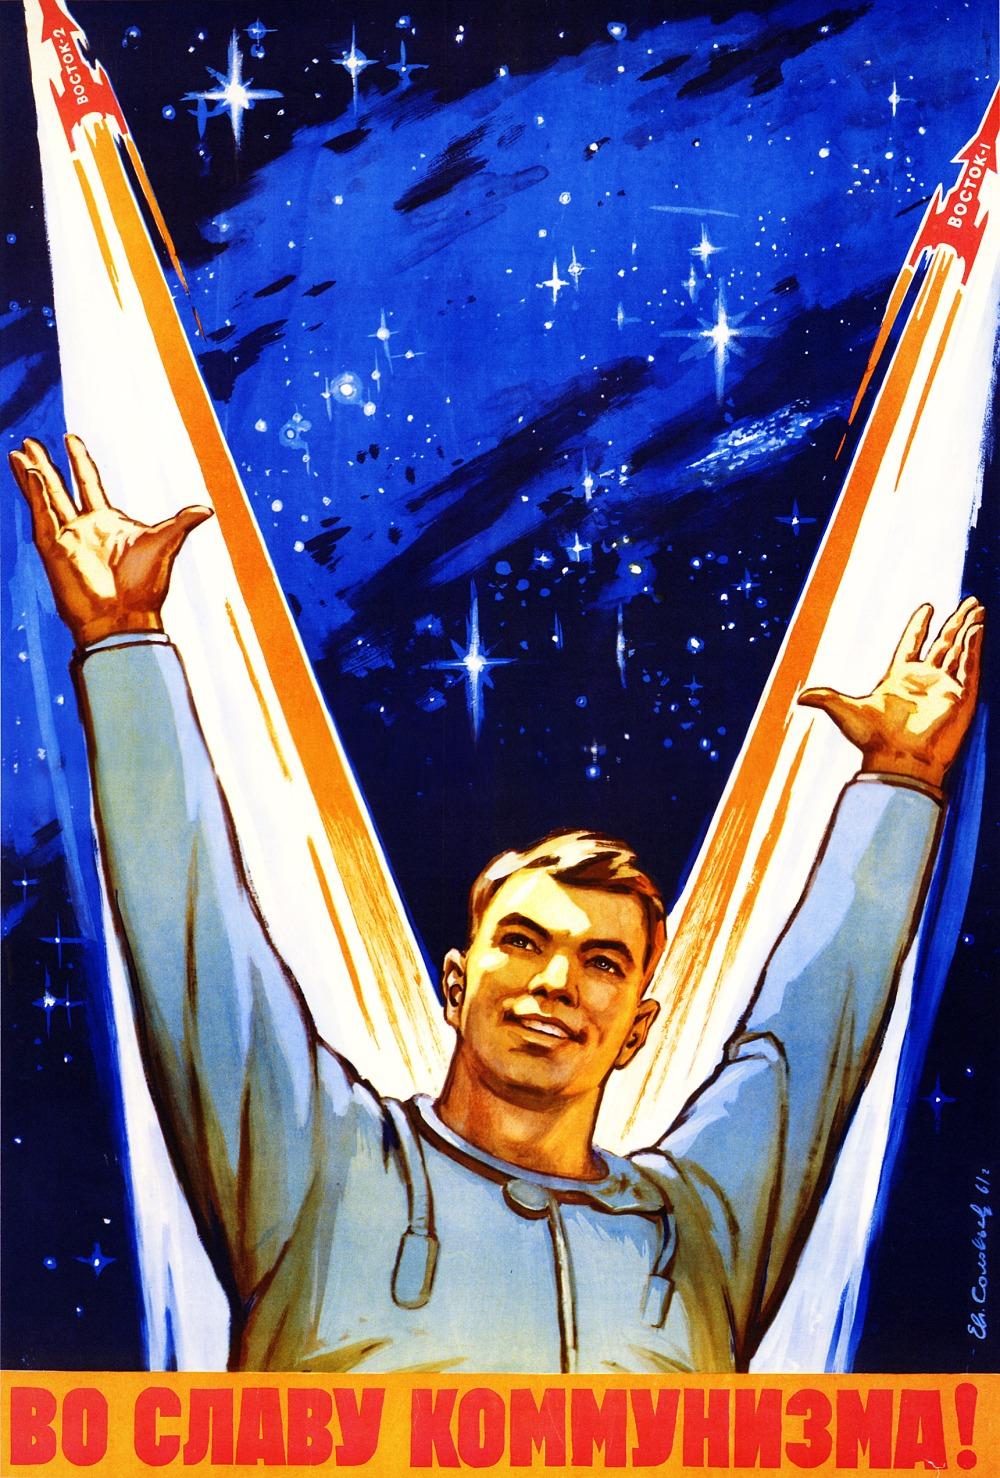 soviet-space-program-propaganda-poster-22.jpg